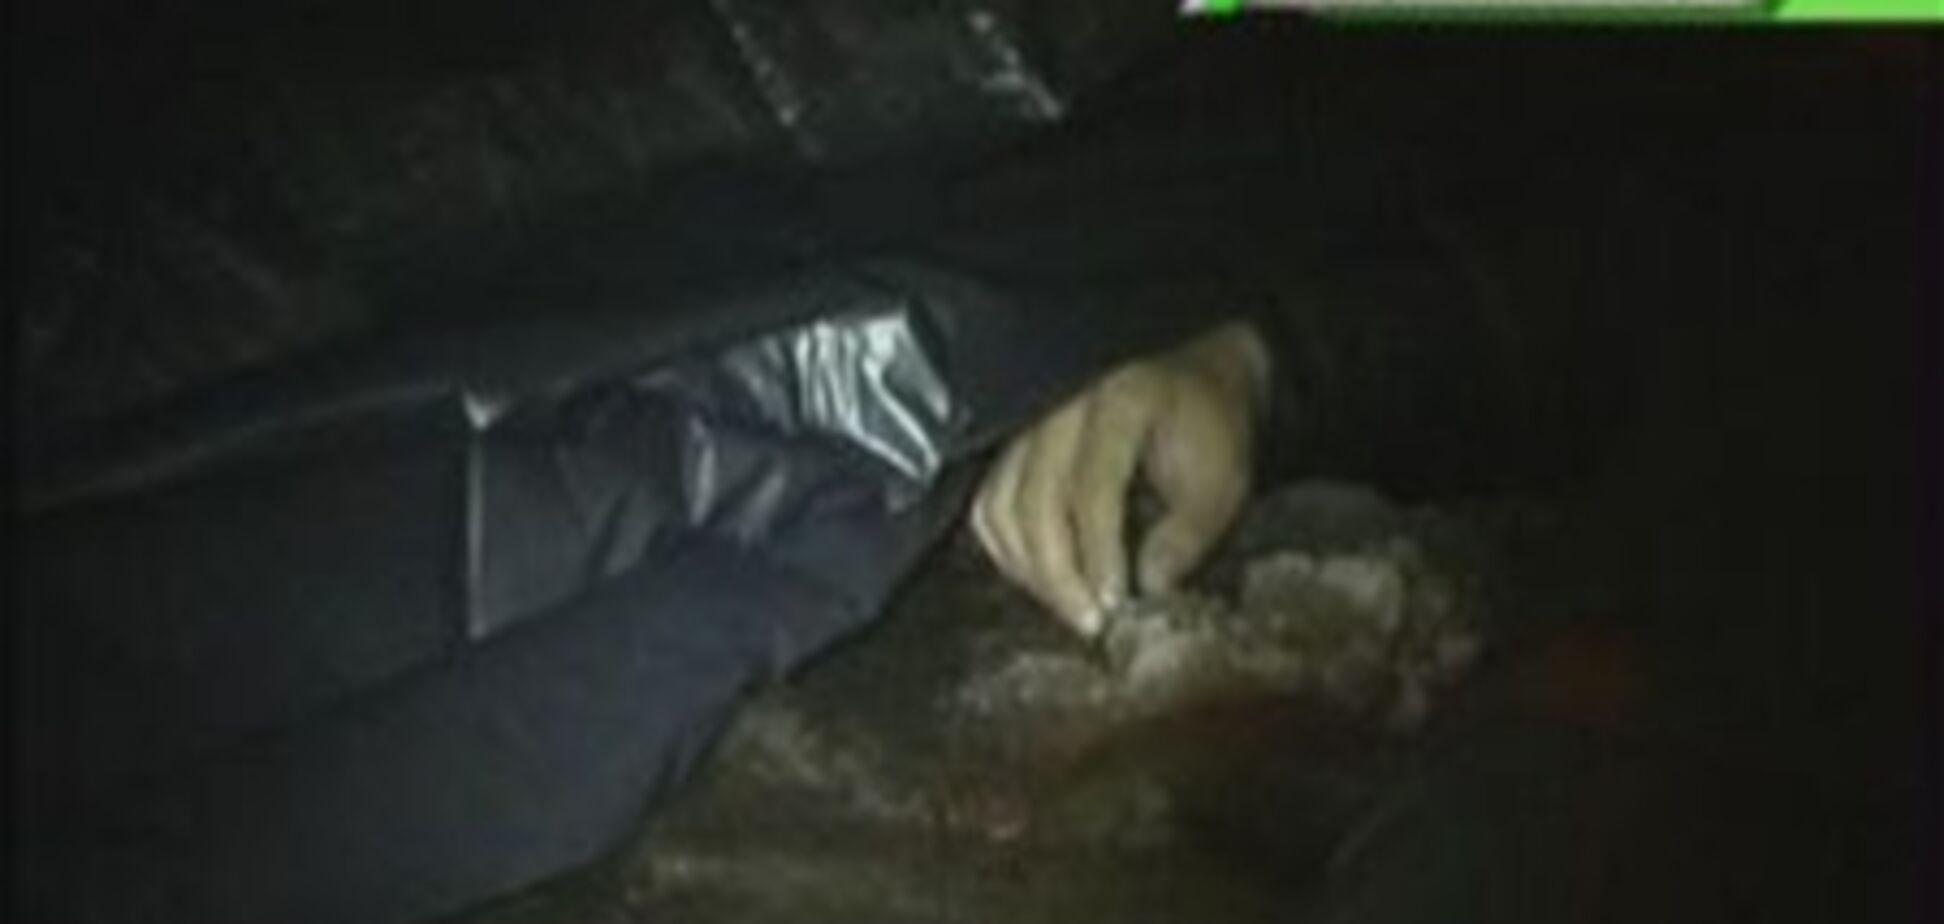 Милиция ищет свидетелей жестокого убийства на Осокорках